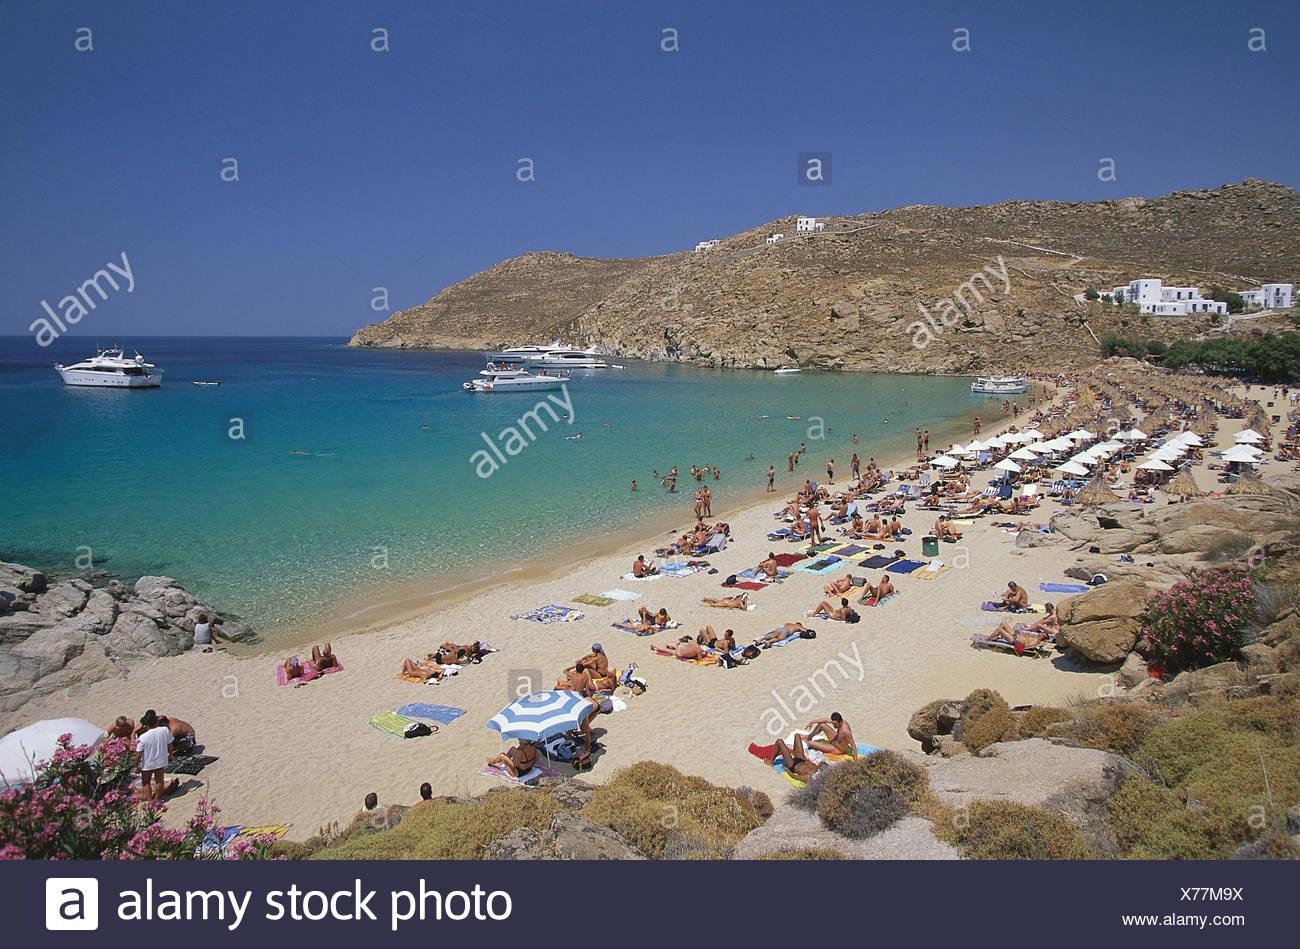 Griechenland, Kykladen, Insel Mykonos, Super Paradise Beach, Strandszene  Mittelmeer, südliche Ägäis, Cyclades, Kyklades, Mikonos, Küste, Bucht, Strand, Übersicht, Urlaub - Stock Image